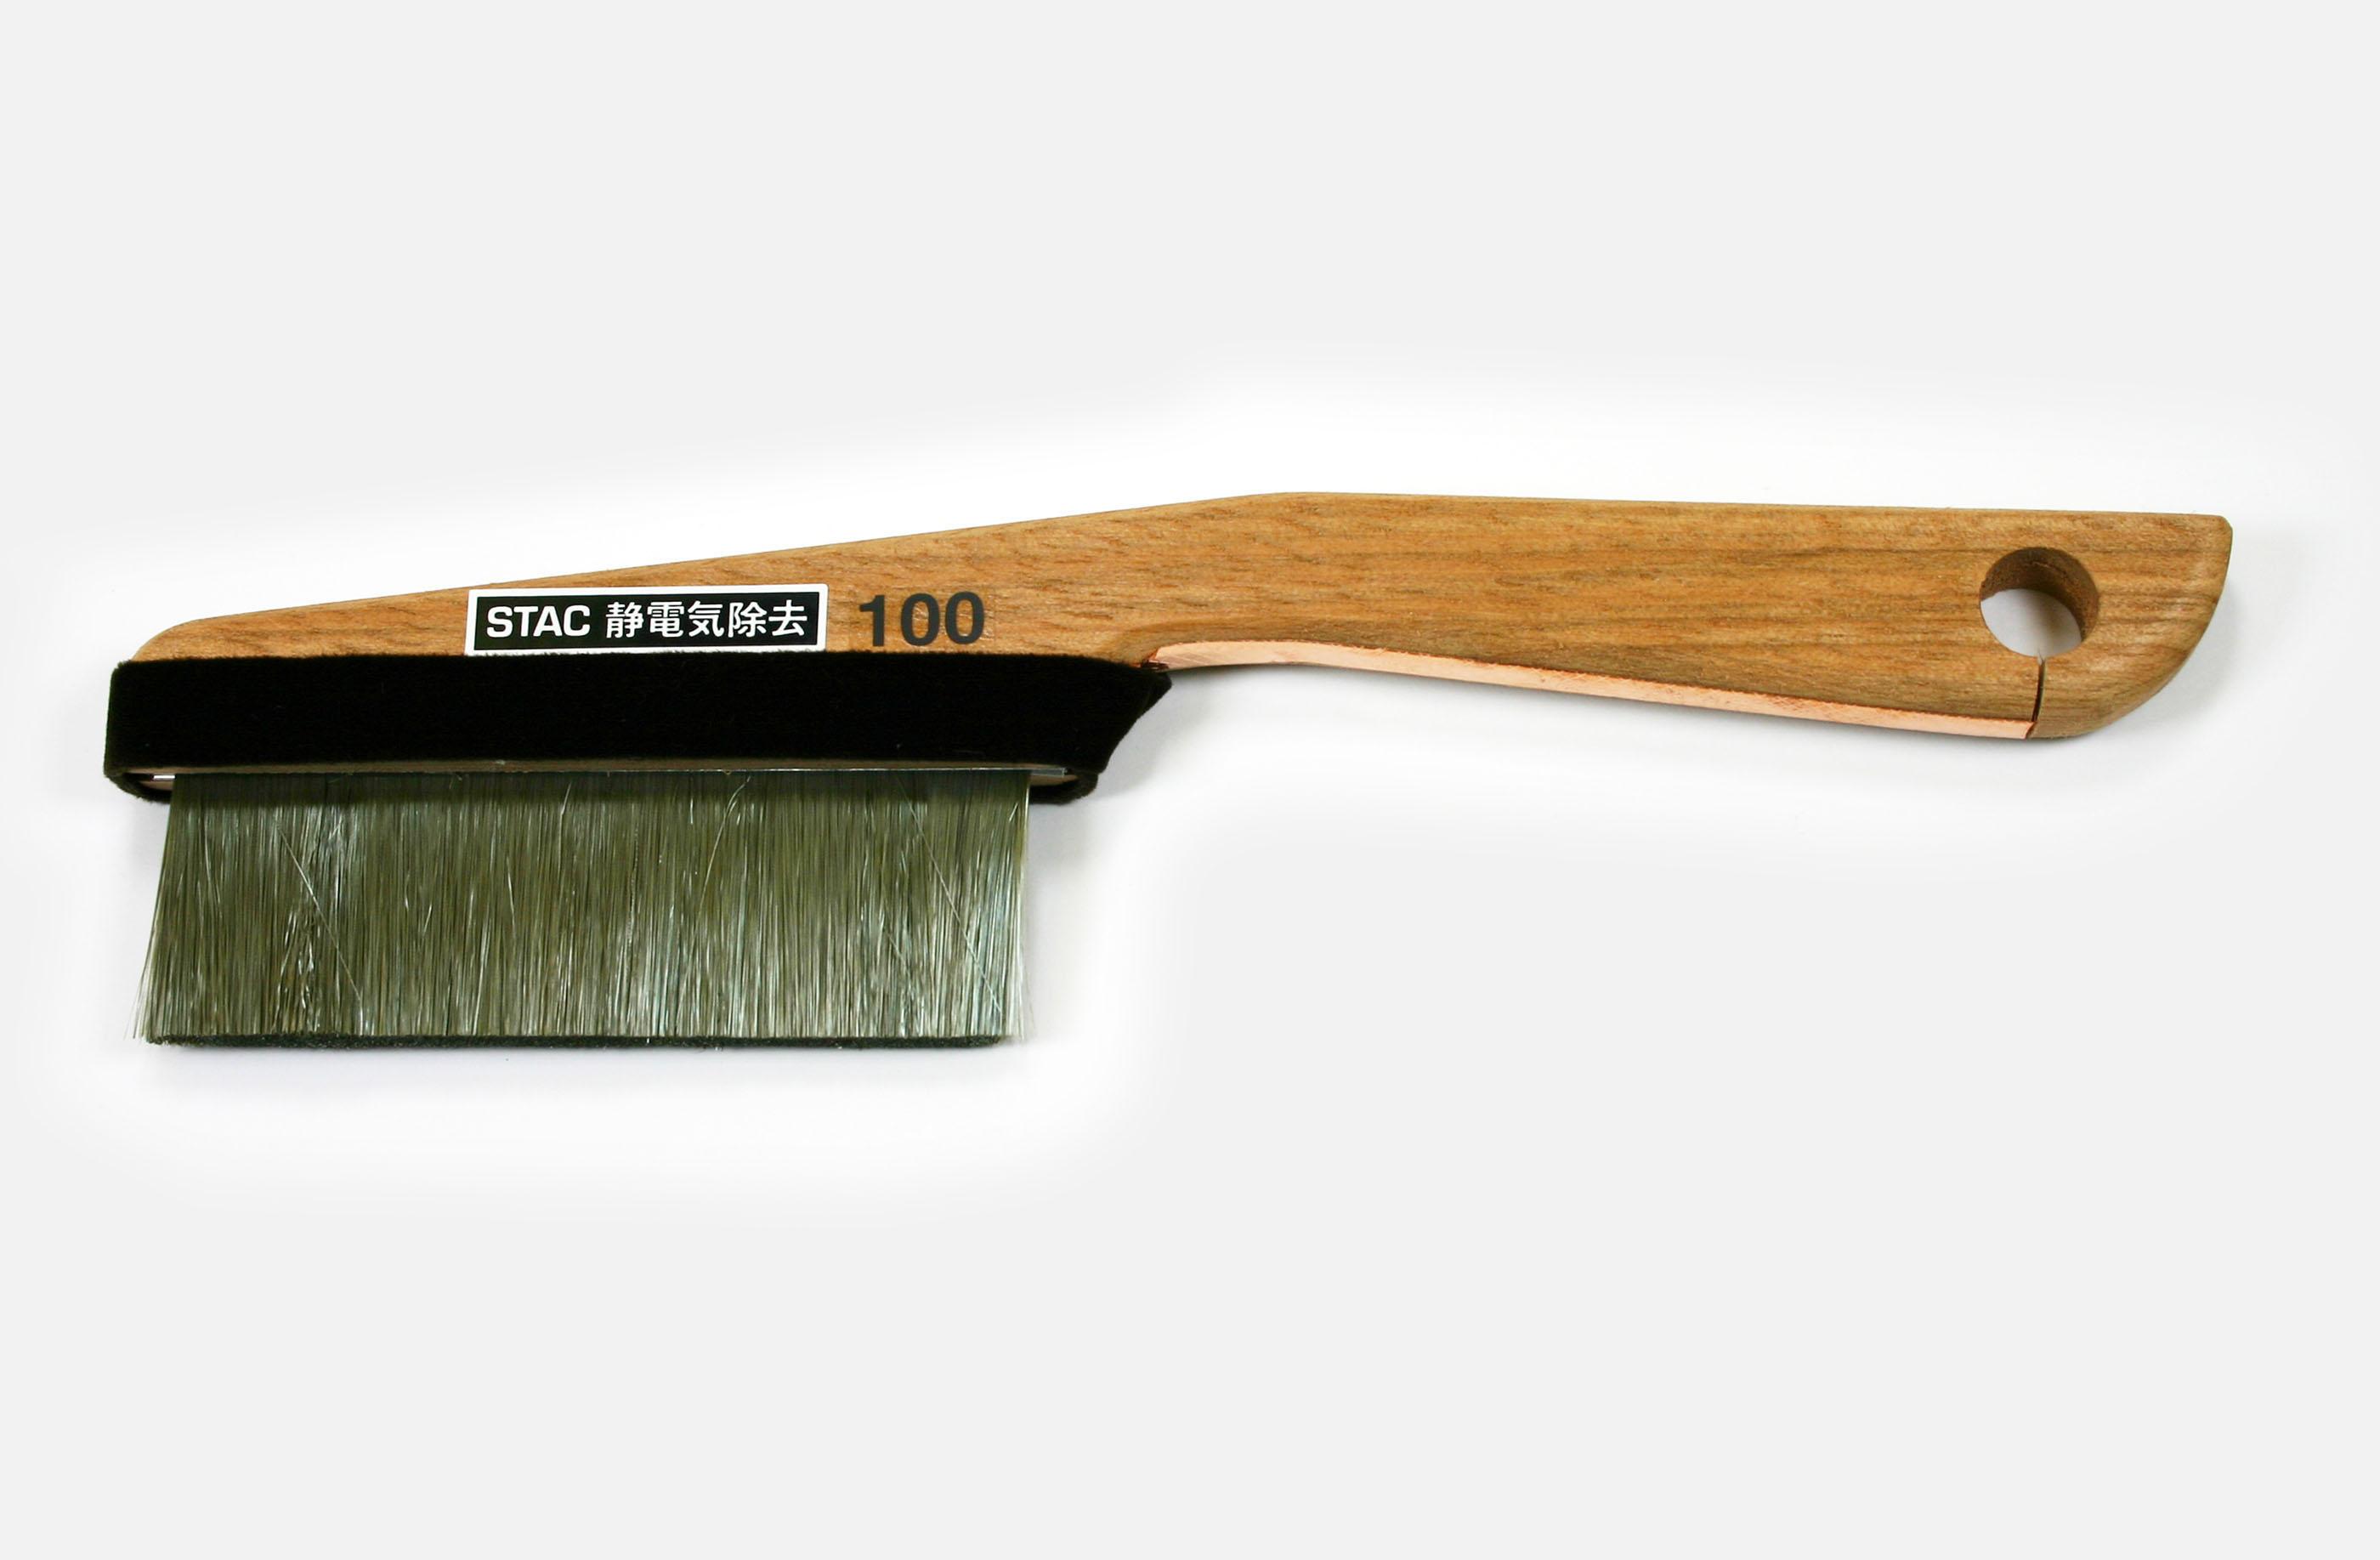 ハンド木柄ゴールド除電ブラシSTAC100